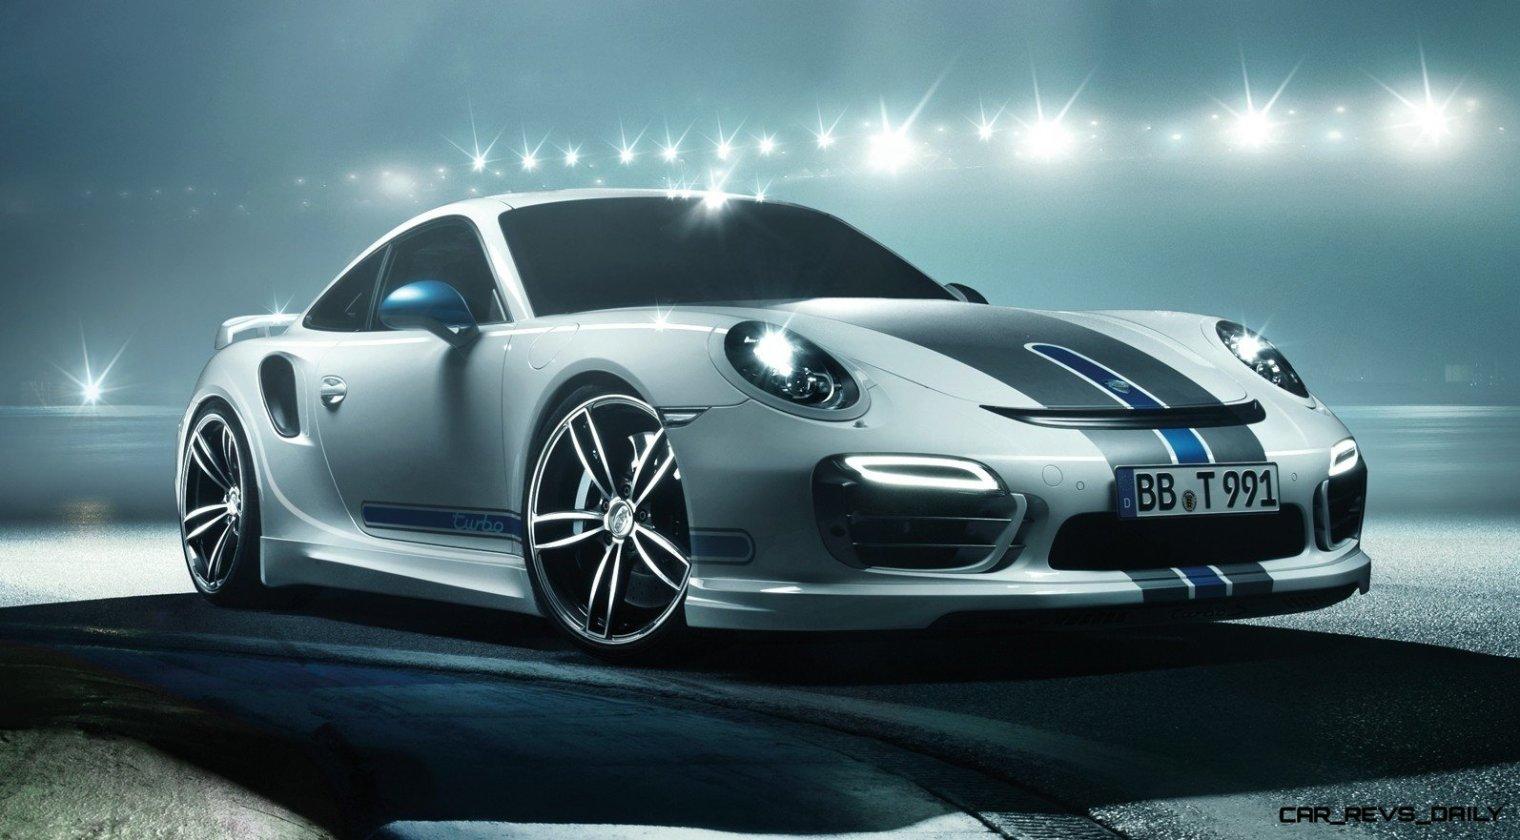 TECHART_for_Porsche_911_Turbo_models